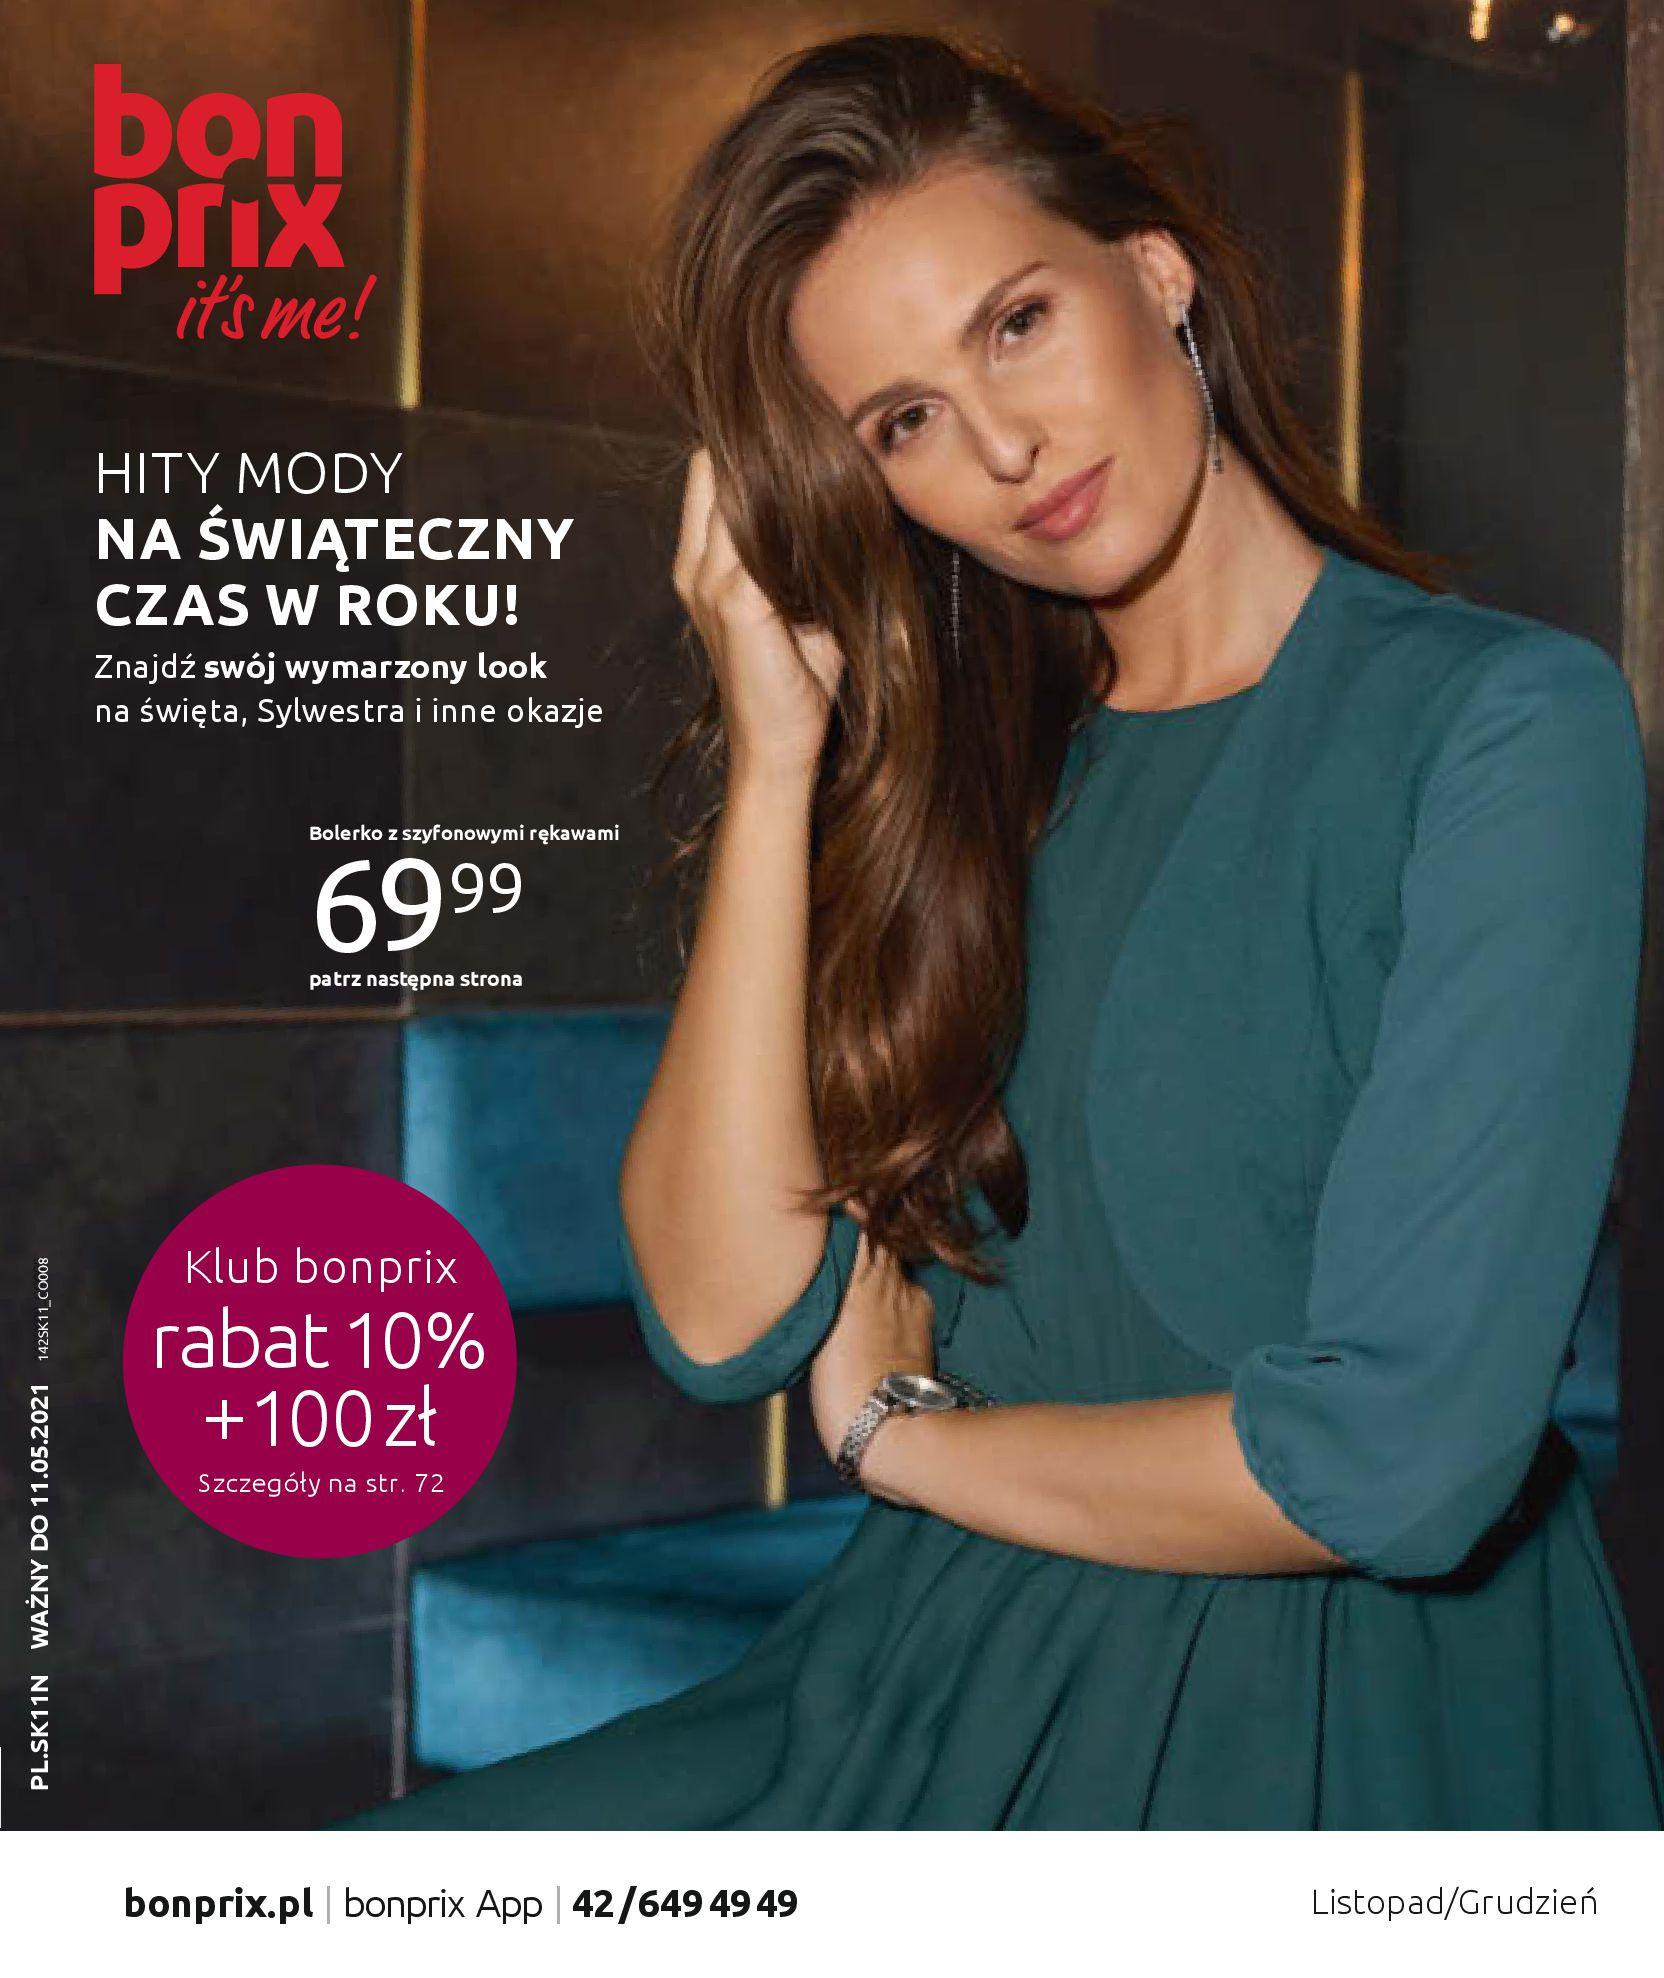 Gazetka Bonprix: Hity mody 2020-11-18 page-1